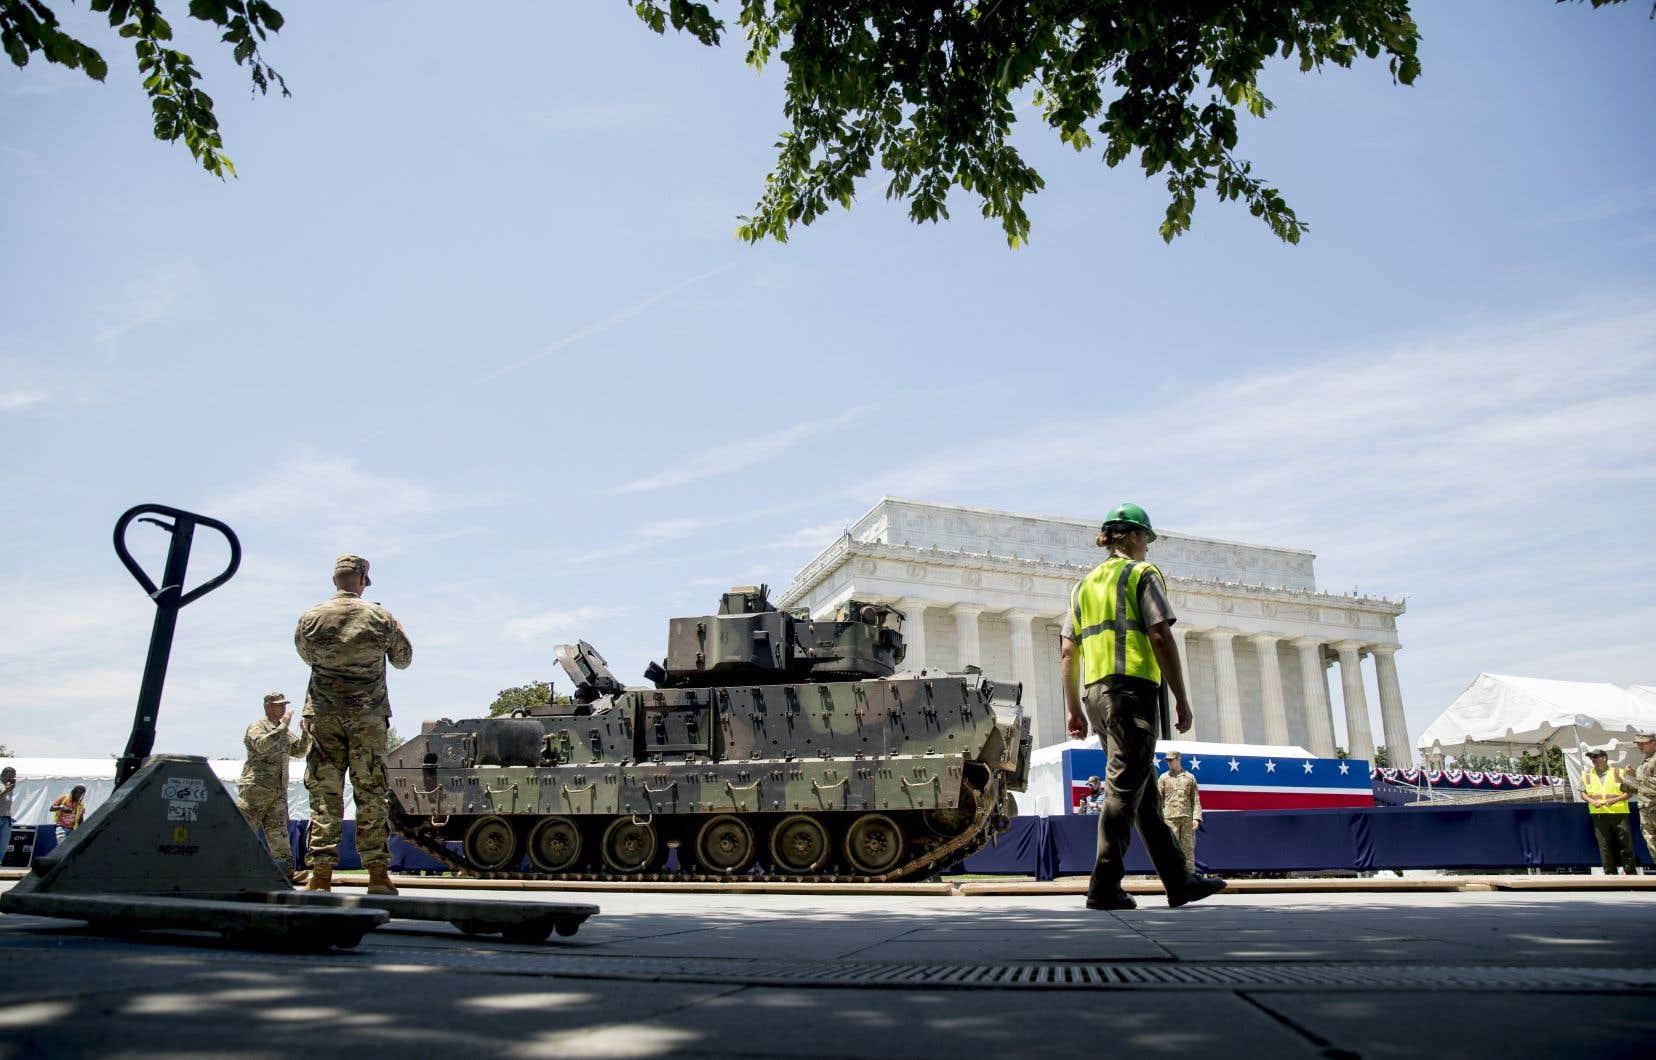 Des chars d'assaut ont été exposés dans le centre de Washington.